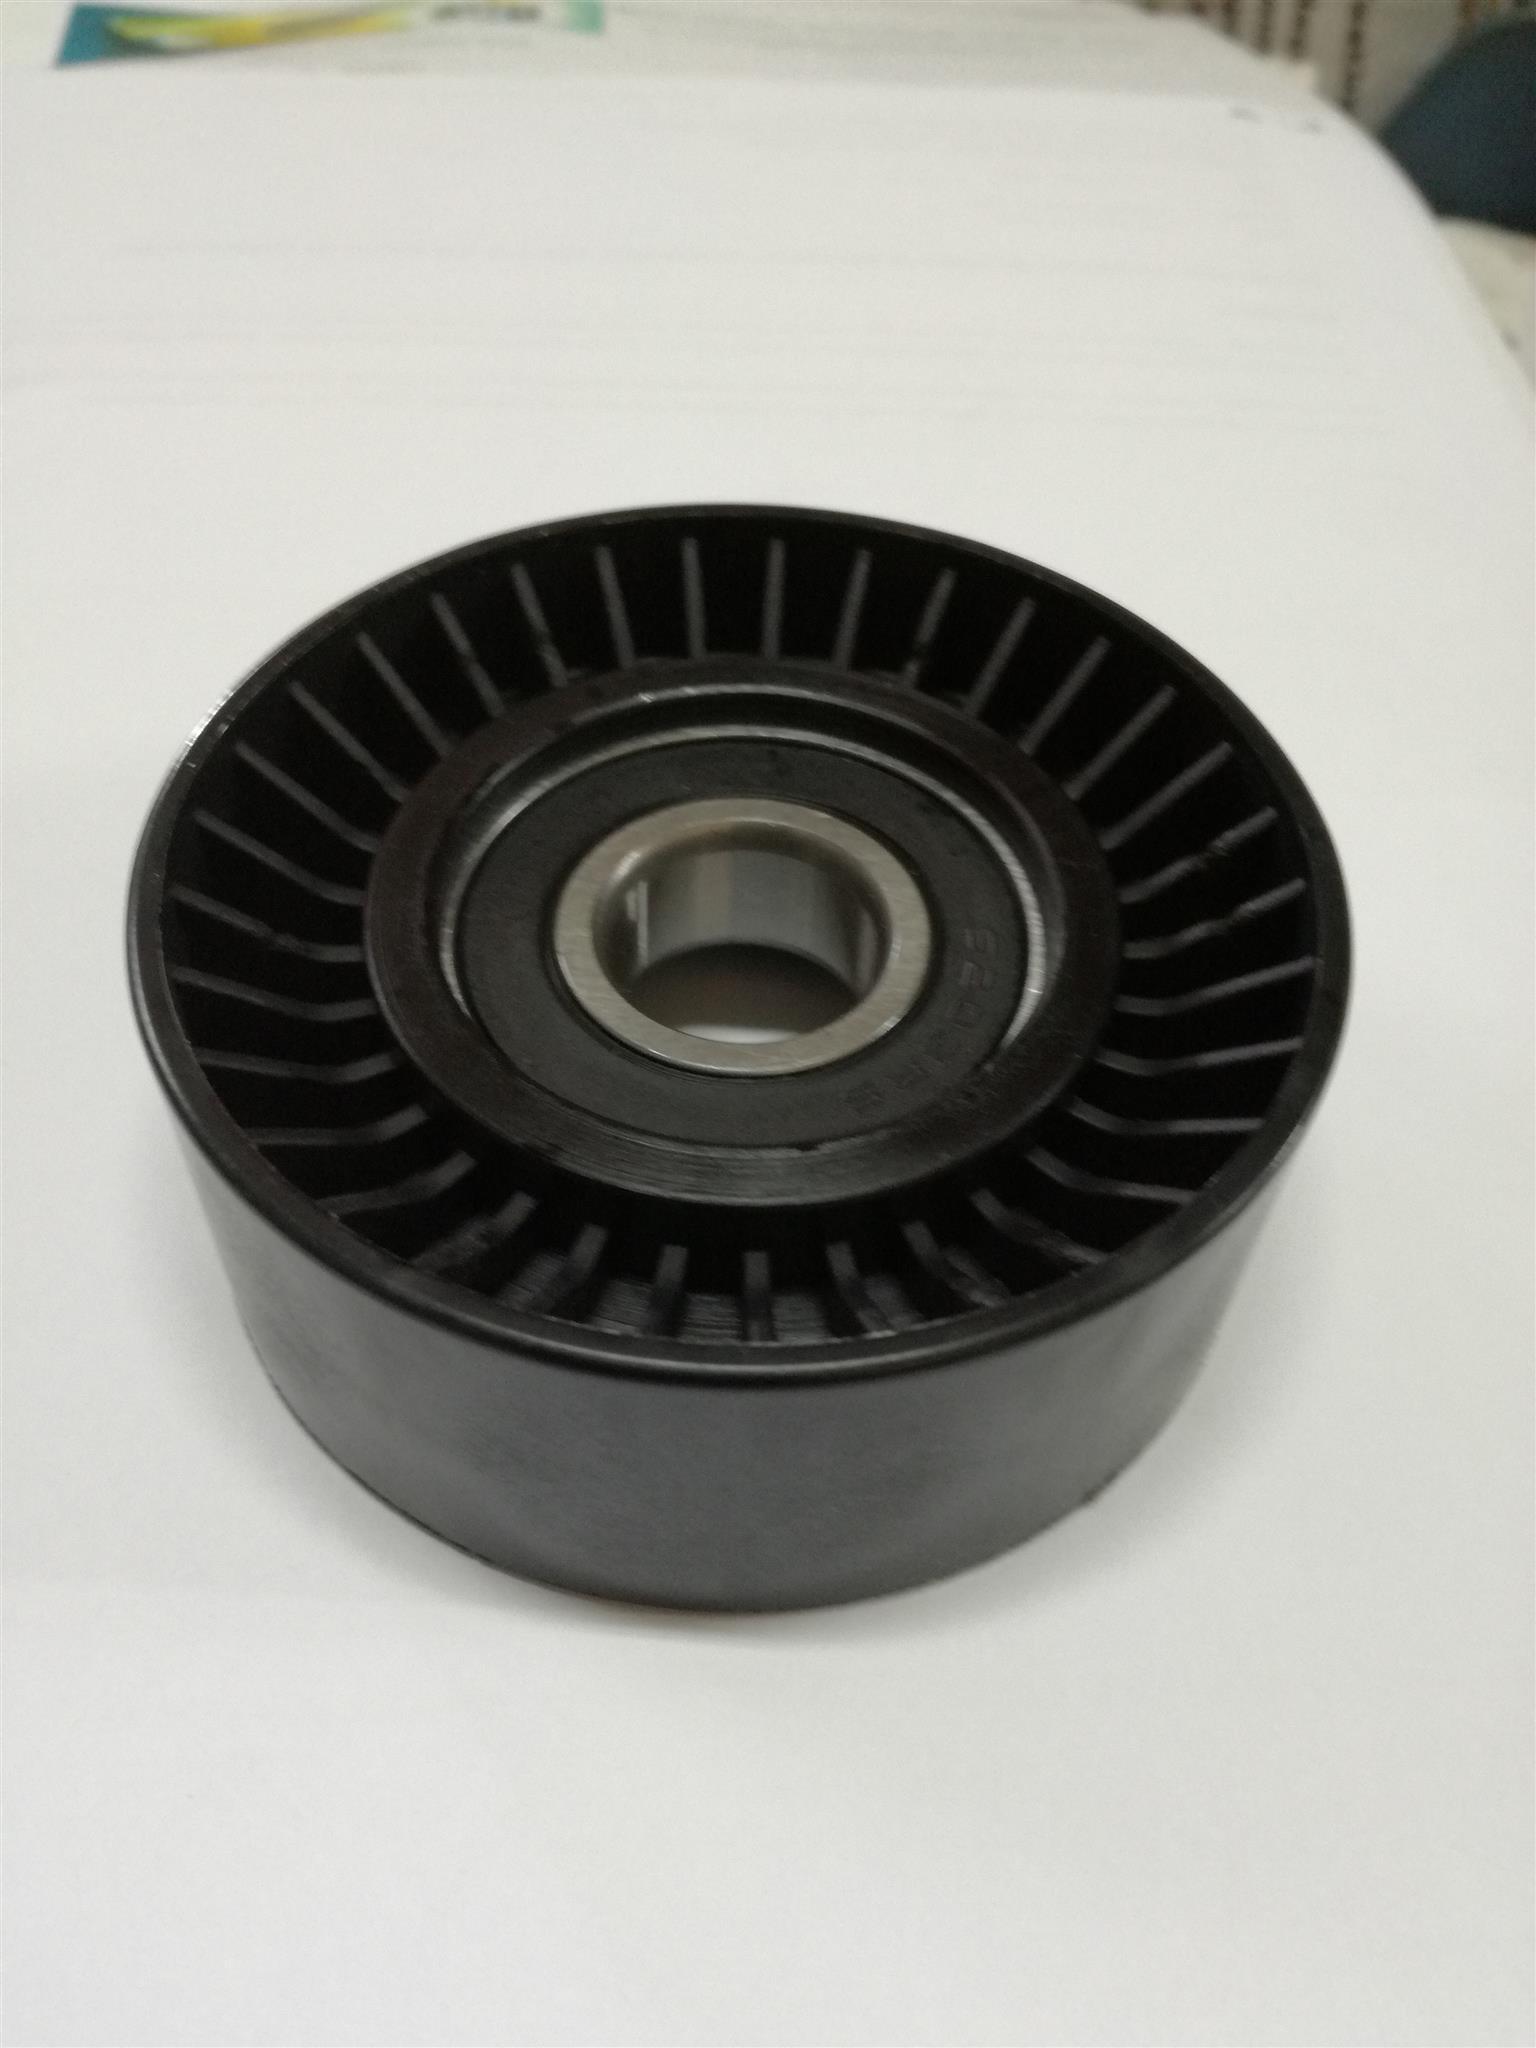 2zz engine, gearbox & part - TOYPART SA